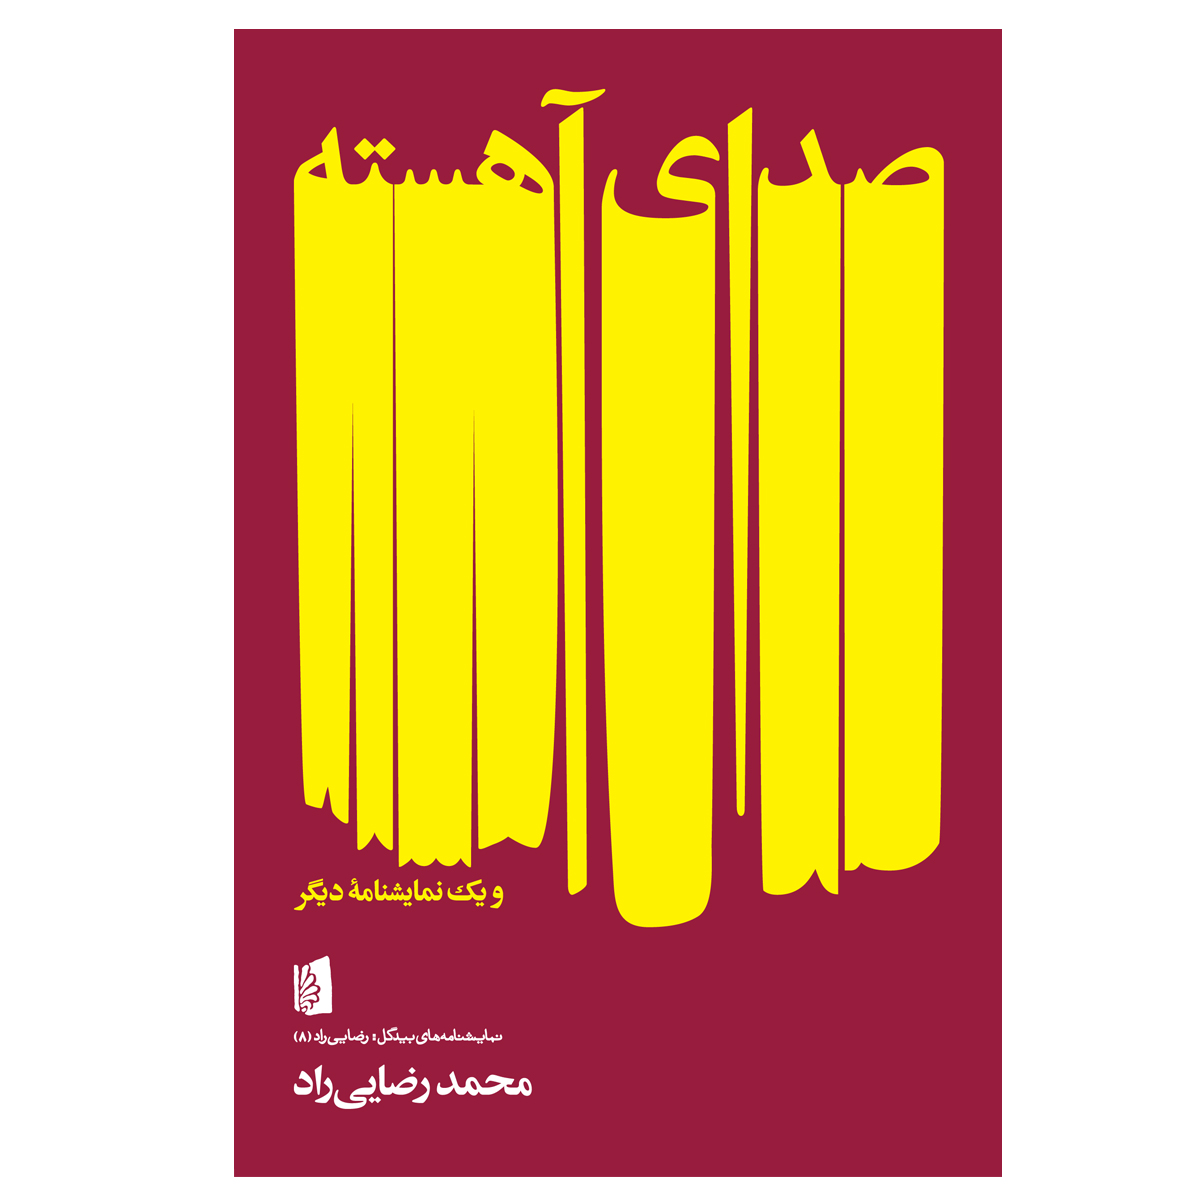 خرید                      کتاب صدای آهسته اثر محمد رضایی راد نشر بیدگل